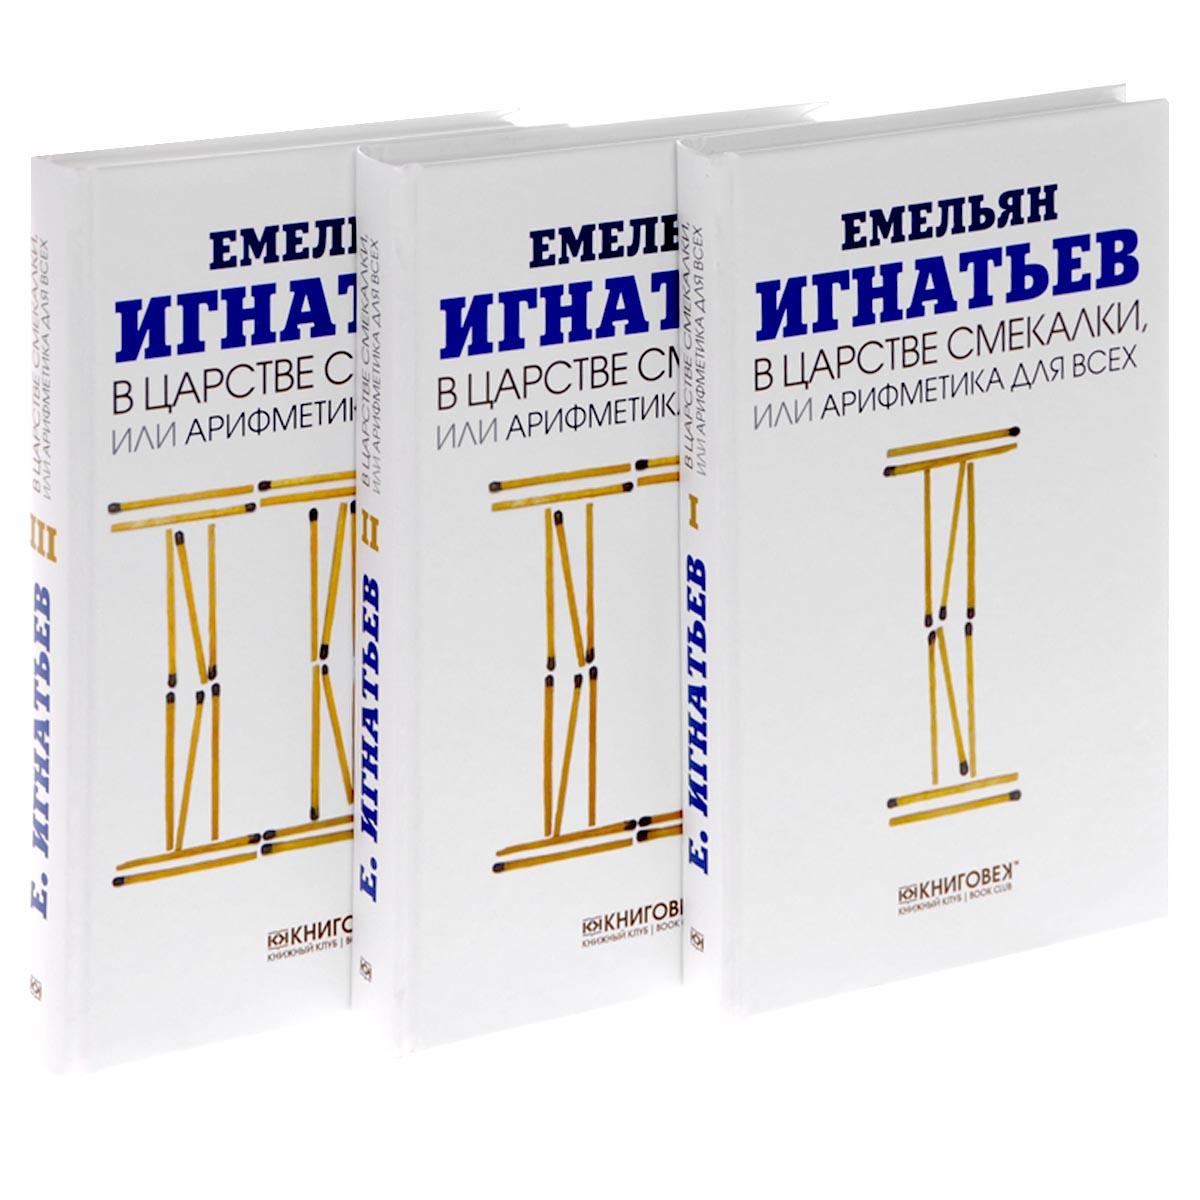 В царстве смекалки, или Арифметика для всех (комплект из 3 книг), Емельян Игнатьев